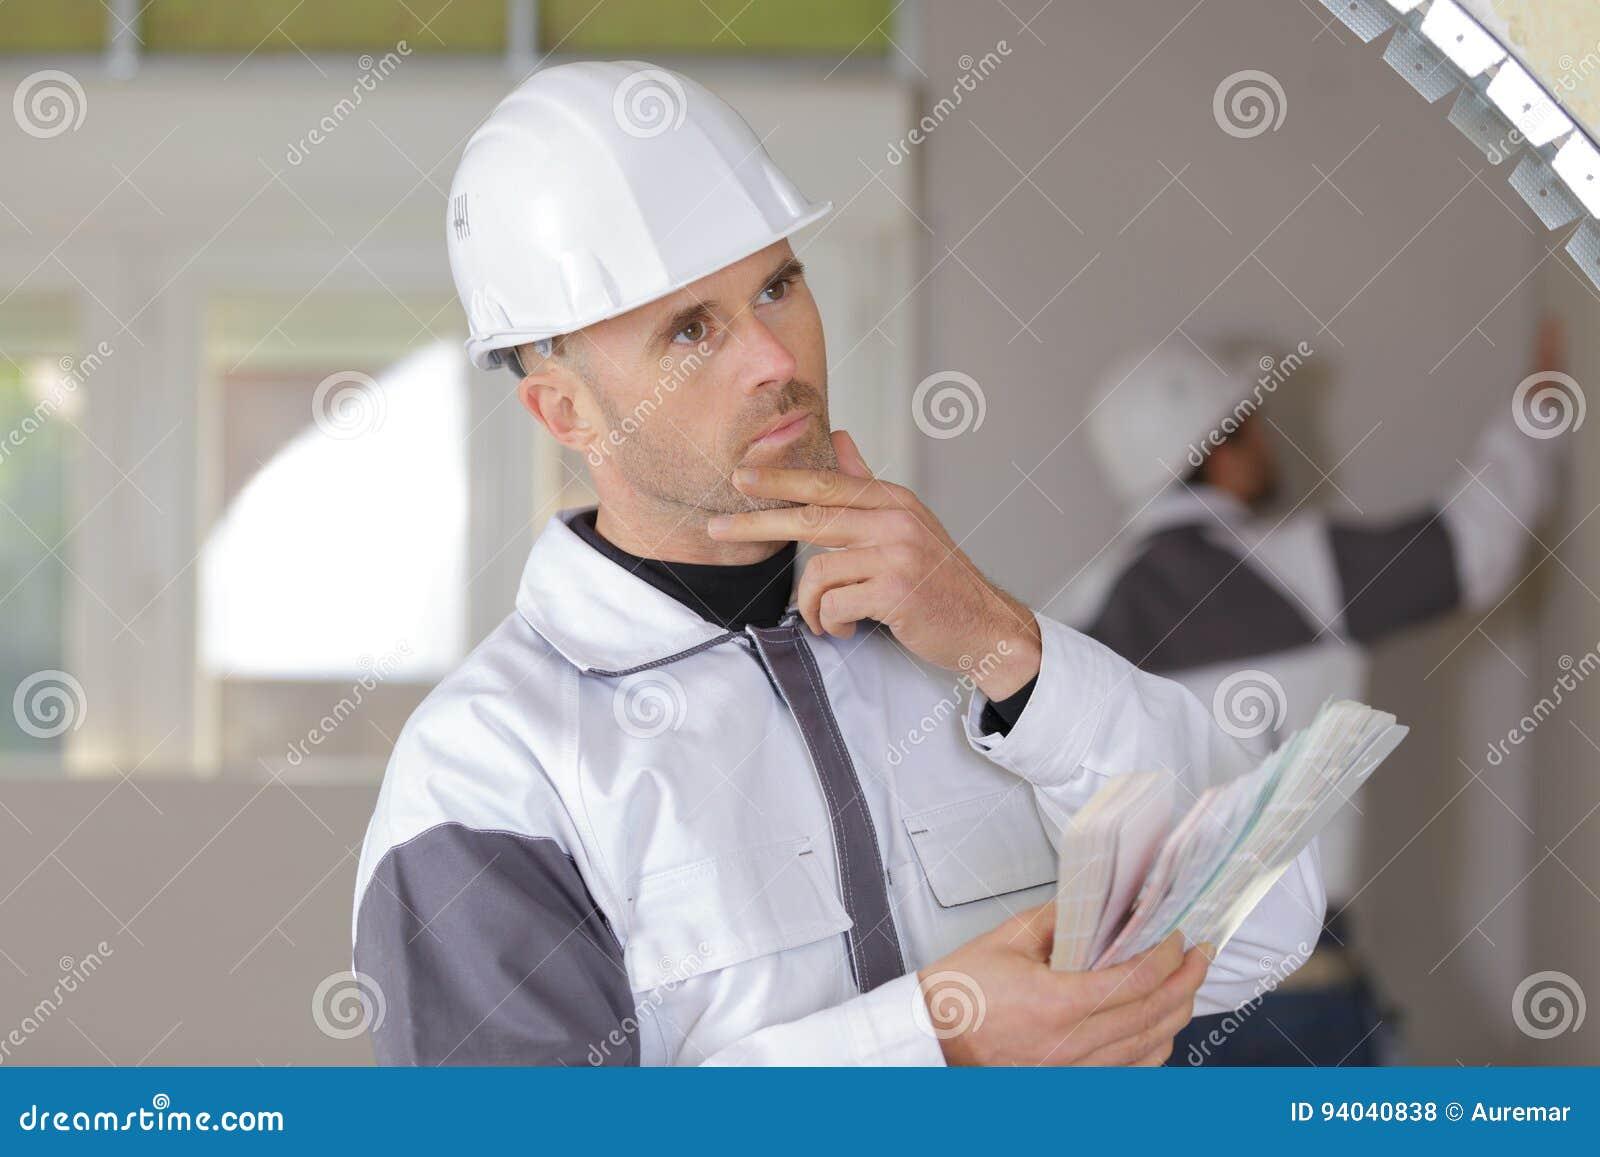 拿着水平仪的迷茫的建筑工人在新房里